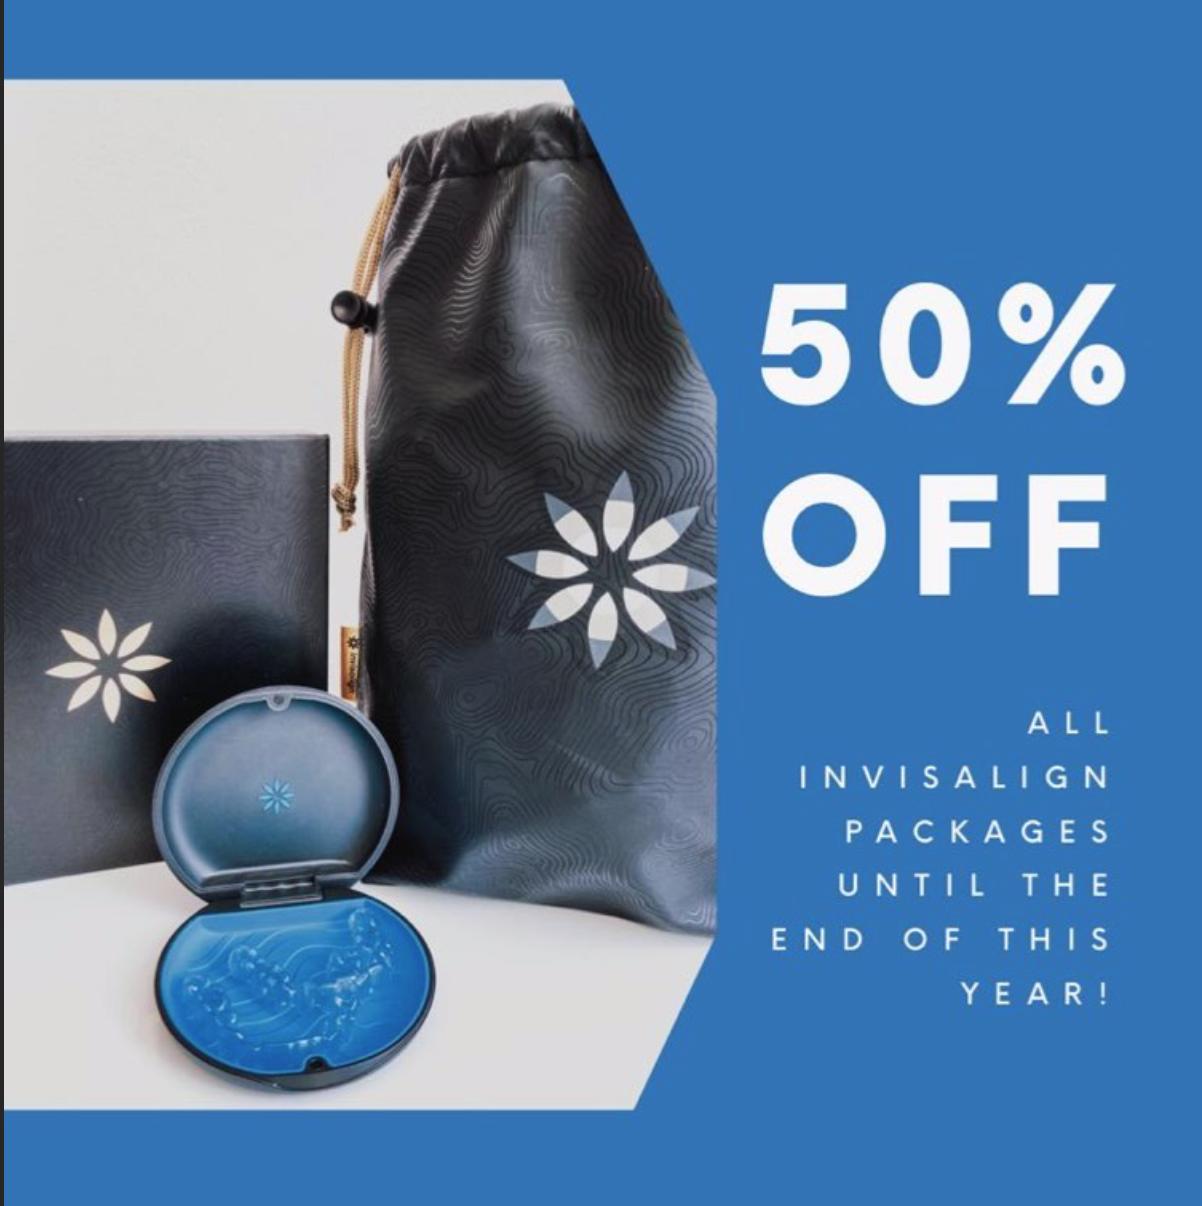 INVISALIGN 50% OFF